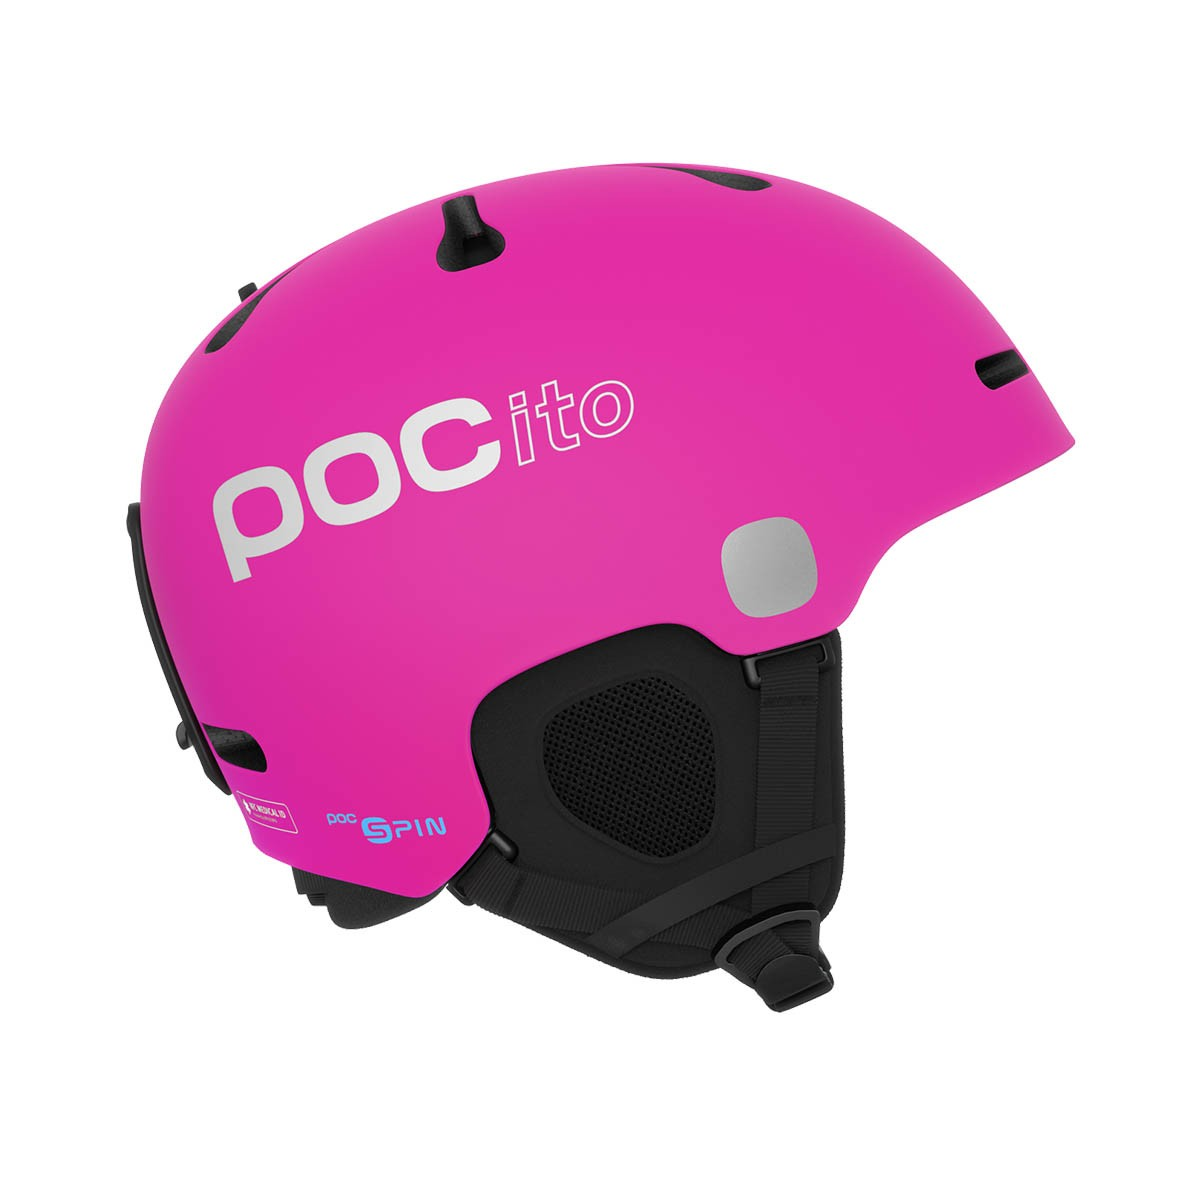 Casco sci Poc Pocito Fornix Spin (Colore: fluorescent pink, Taglia: 5558)